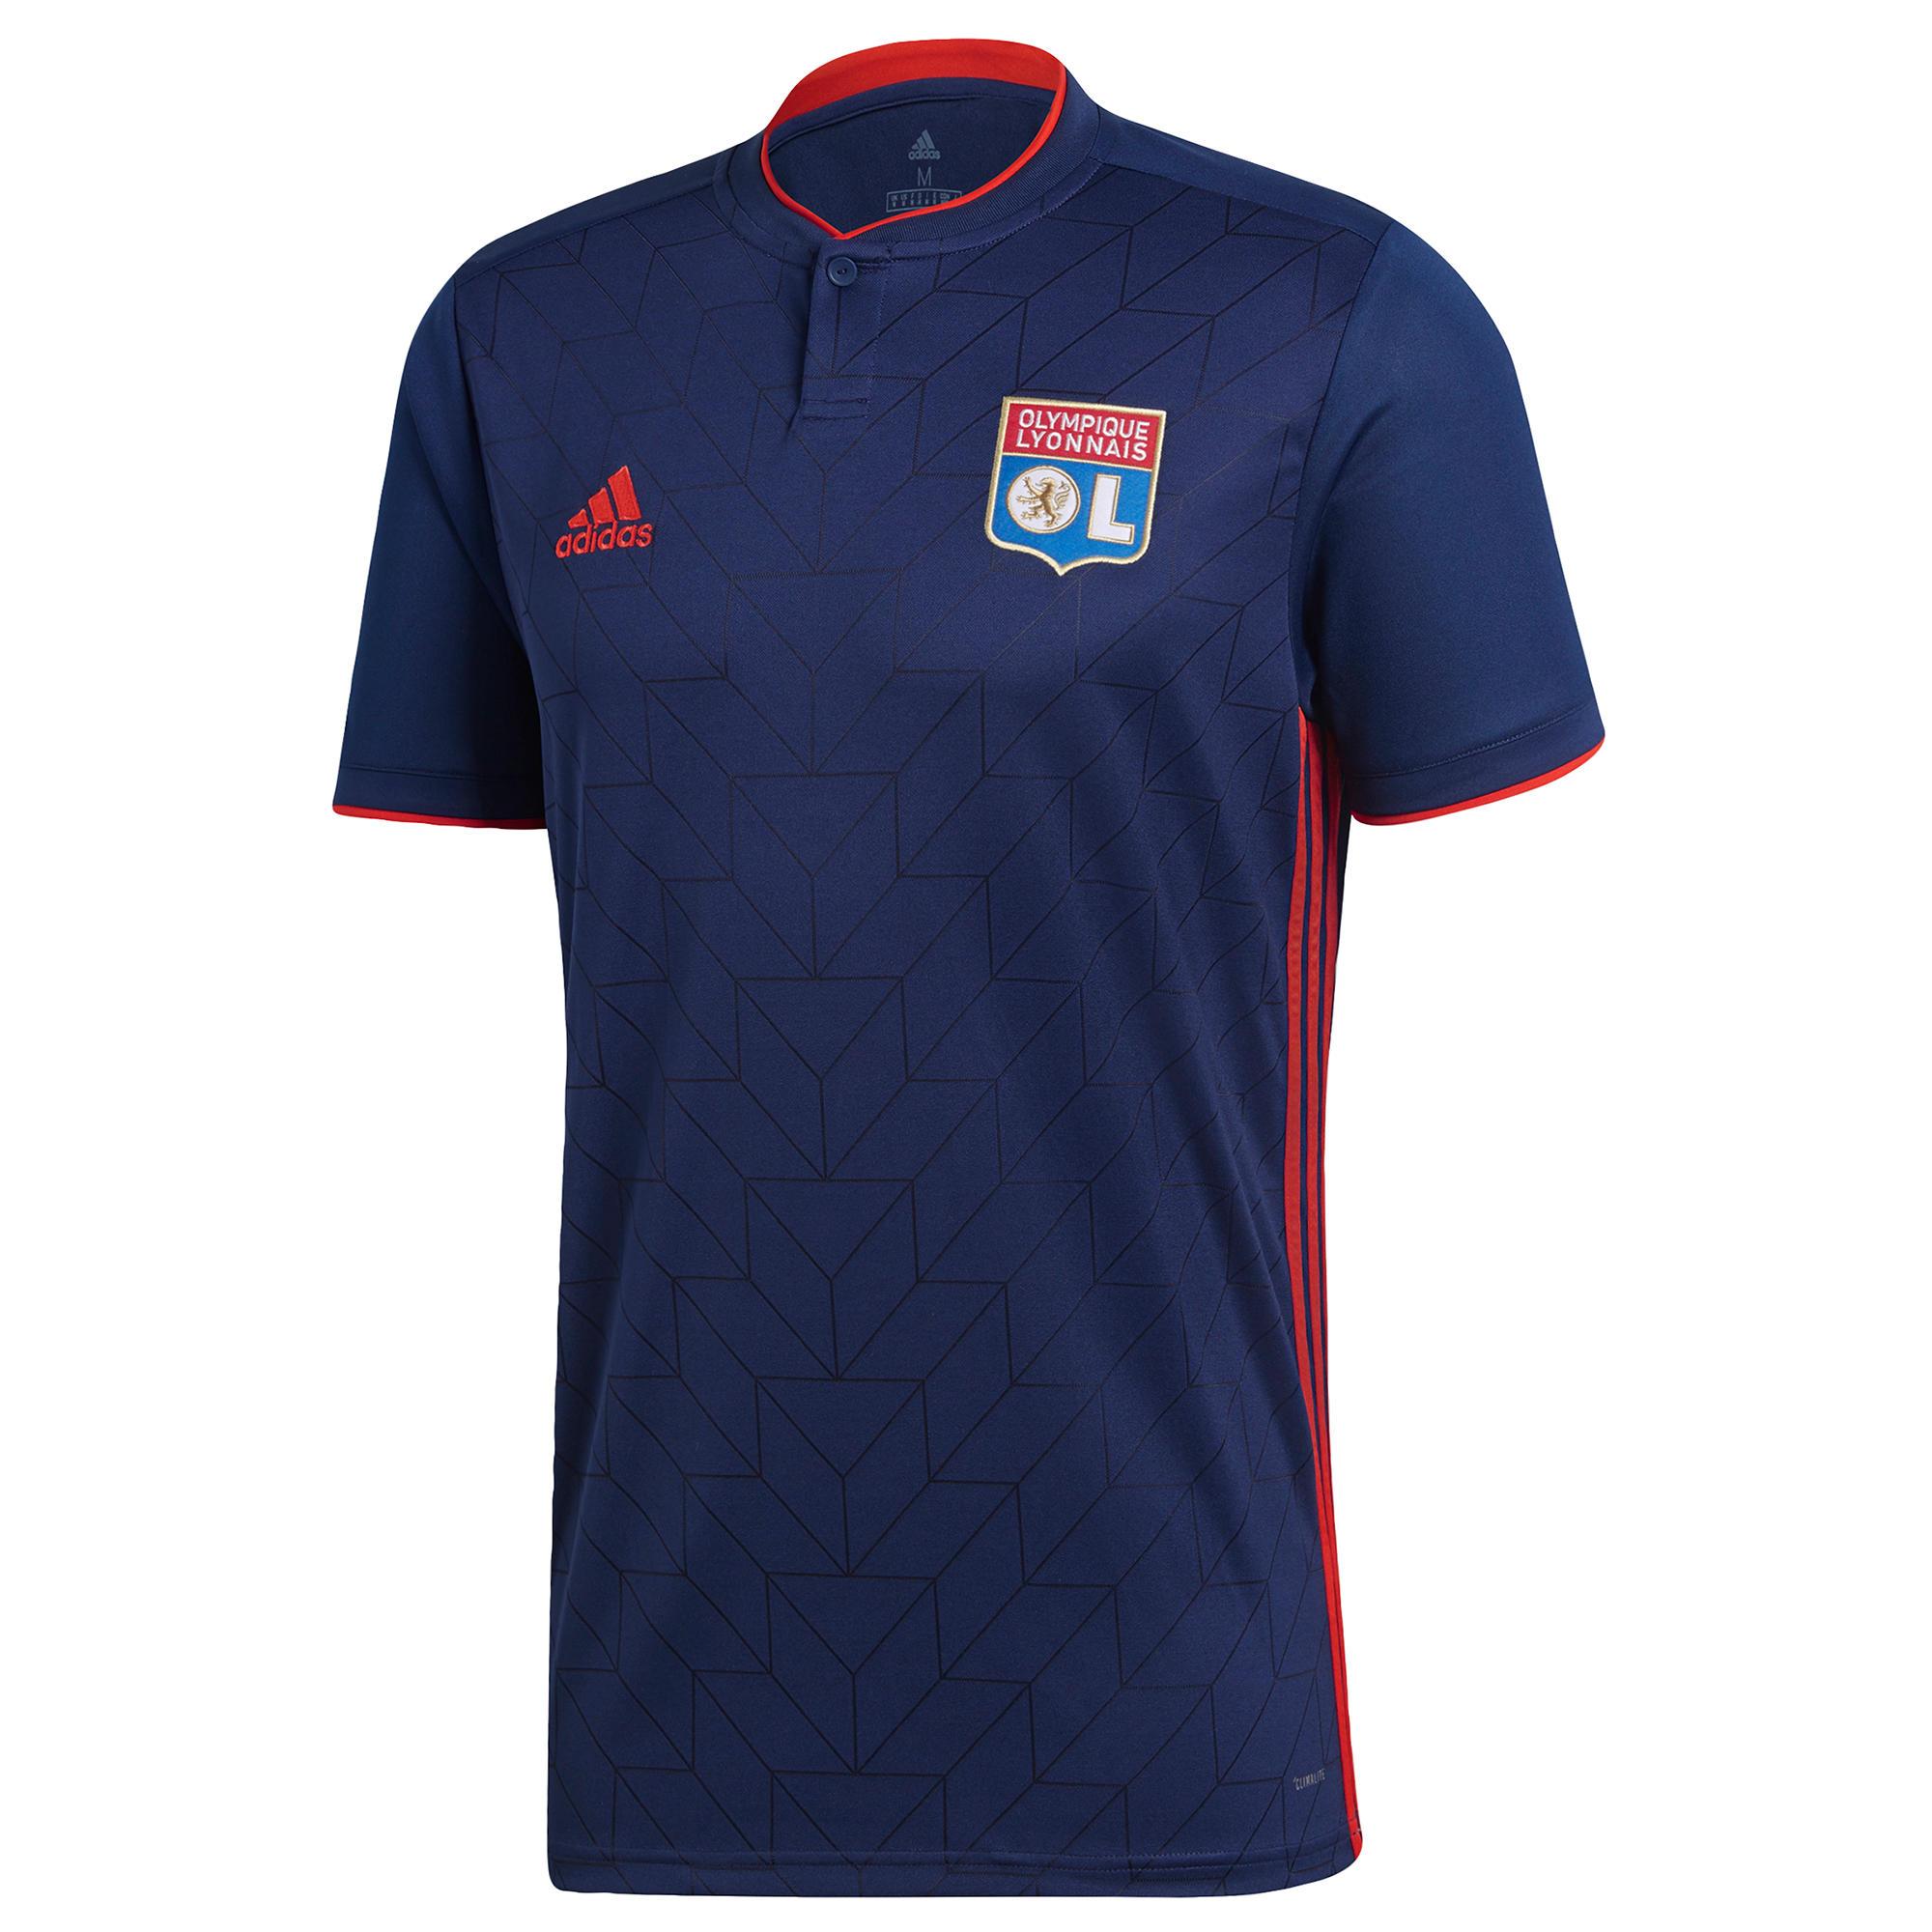 e5f0937162 Comprar Camisetas de Fútbol para Adultos y Niños